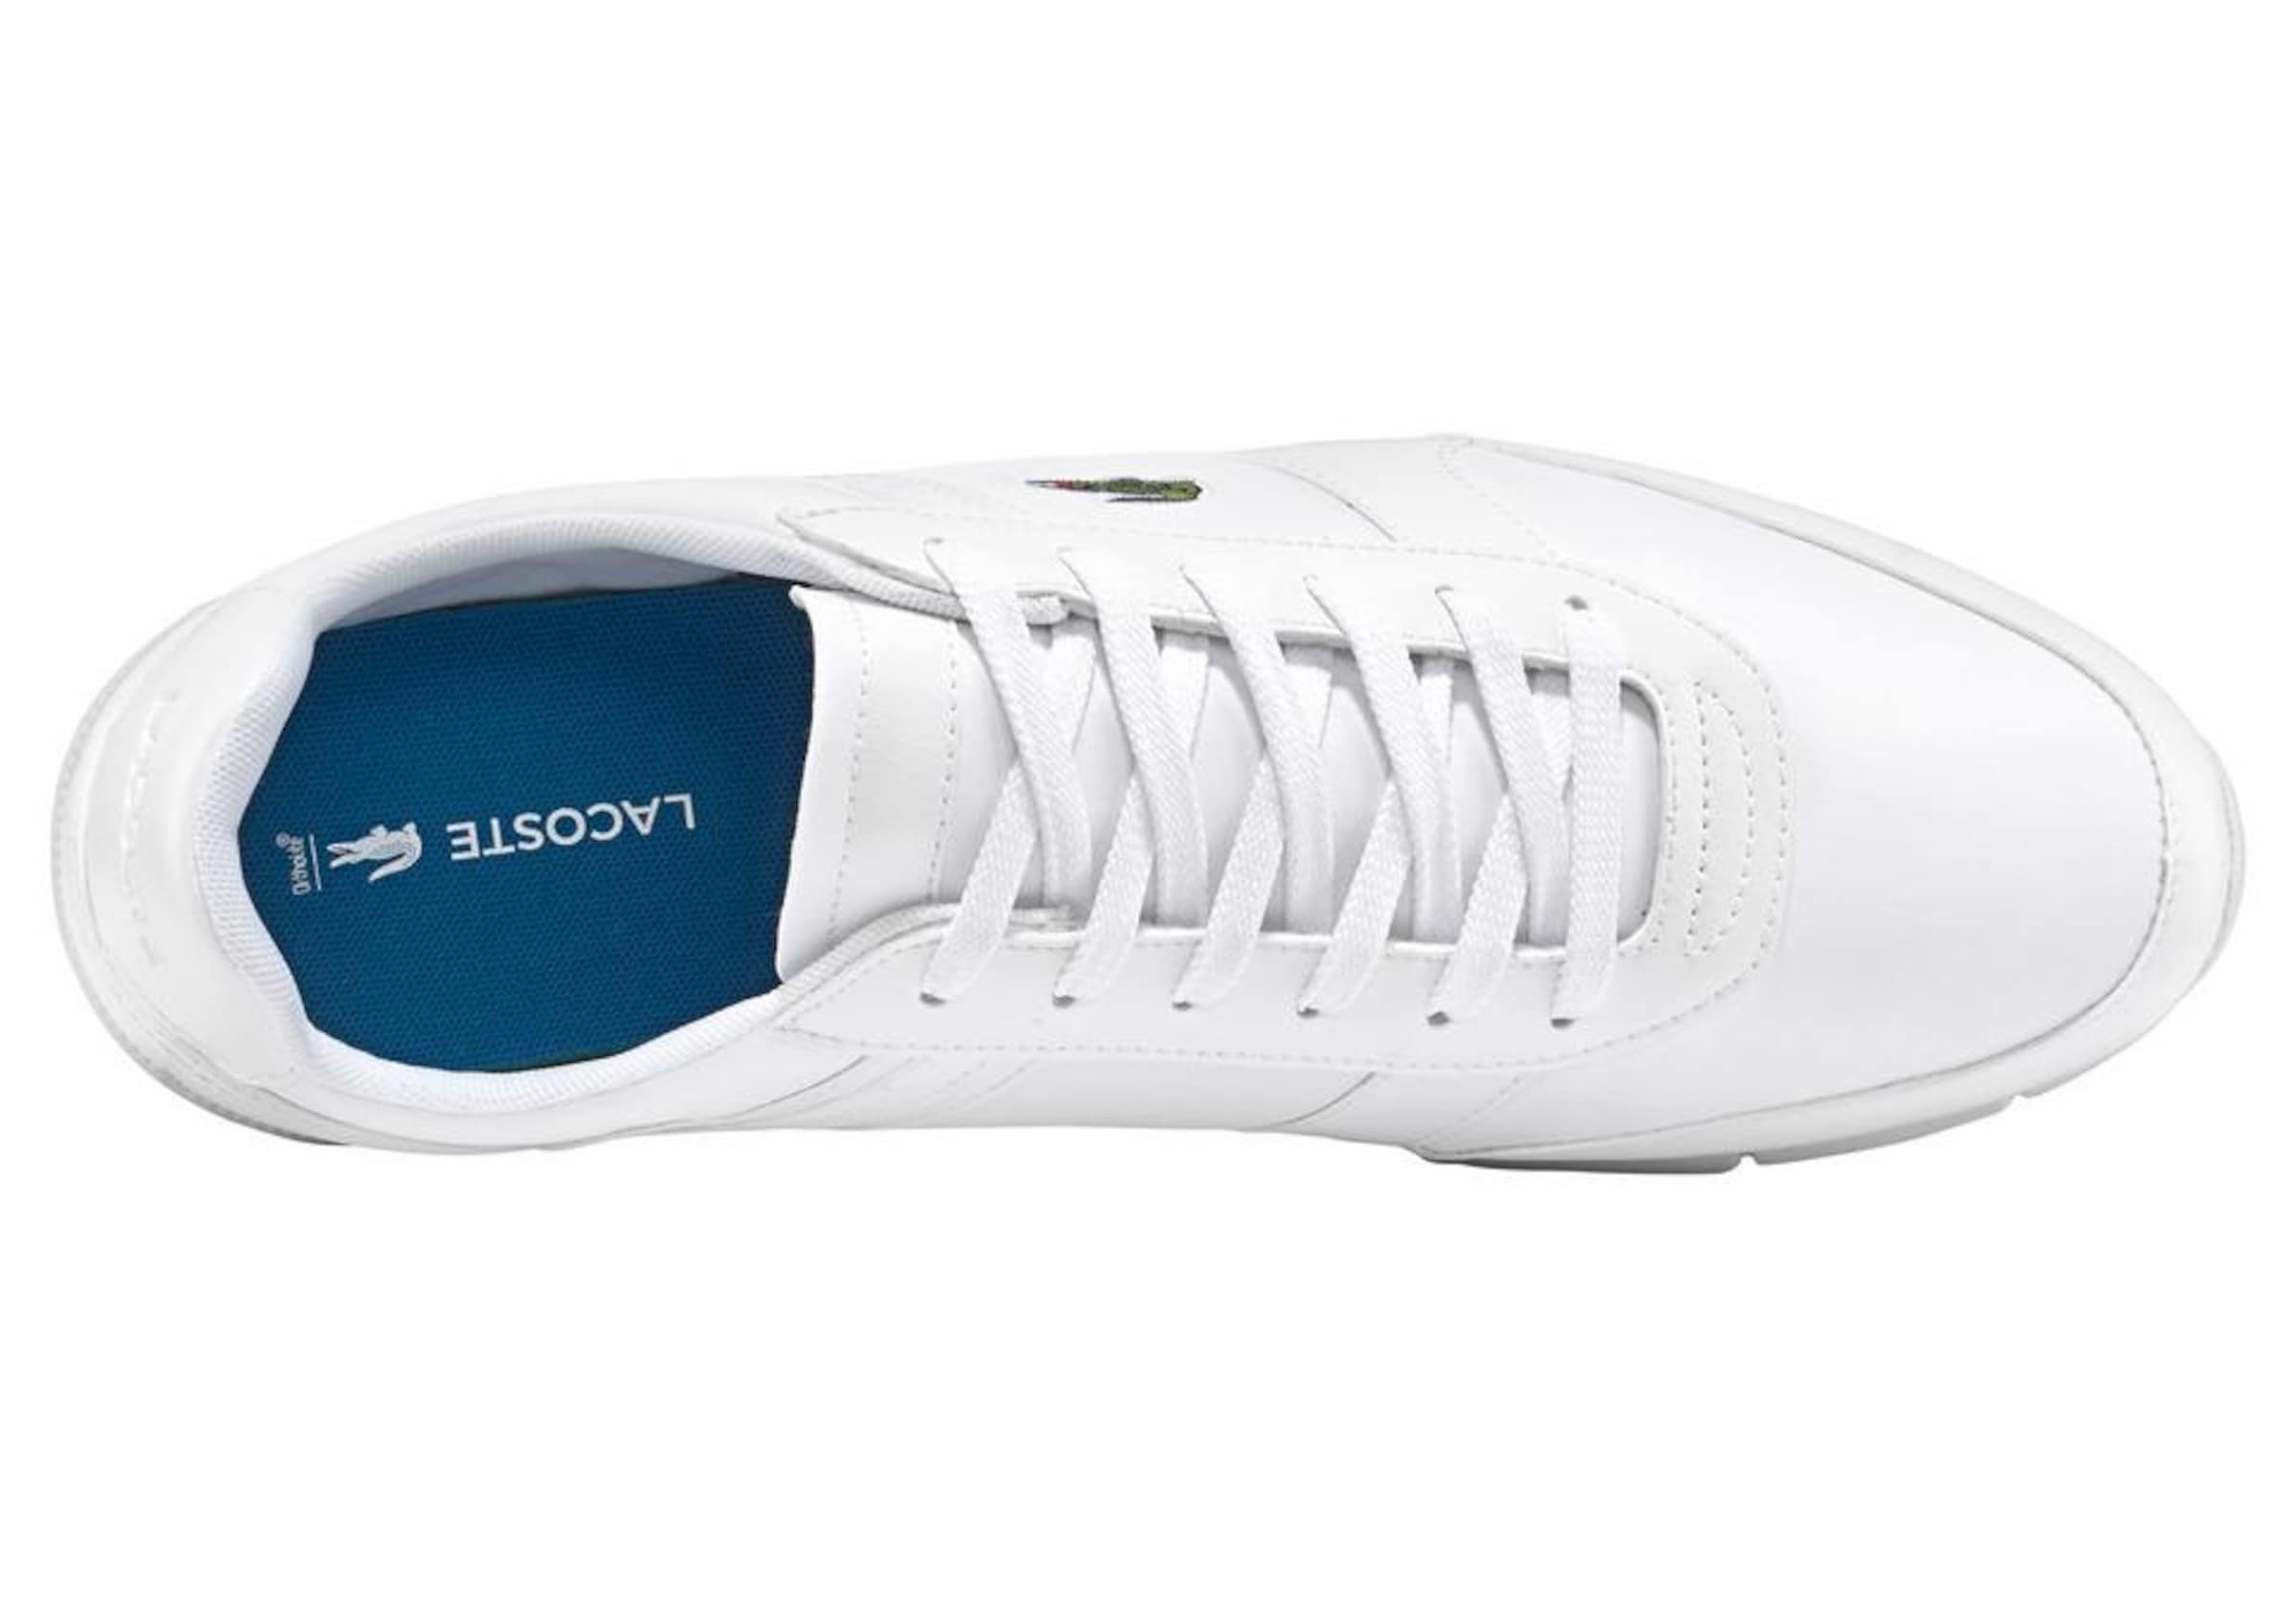 'menerva Weiß Sport' Sneakers In Lacoste PkXuOiZ